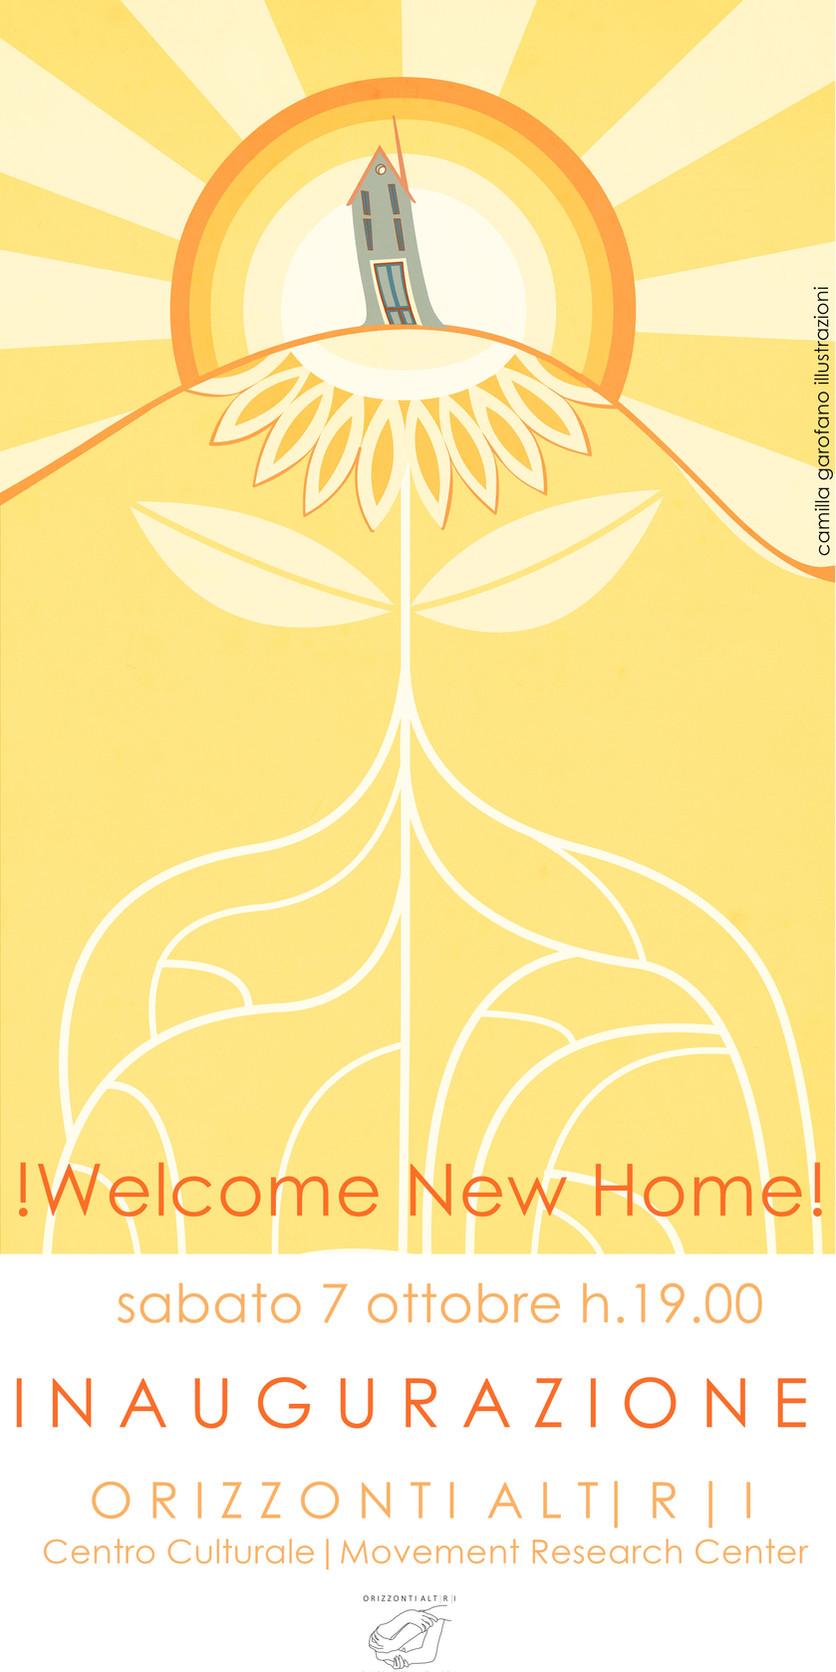 Welcome New Home ! Orizzonti ALTRI !